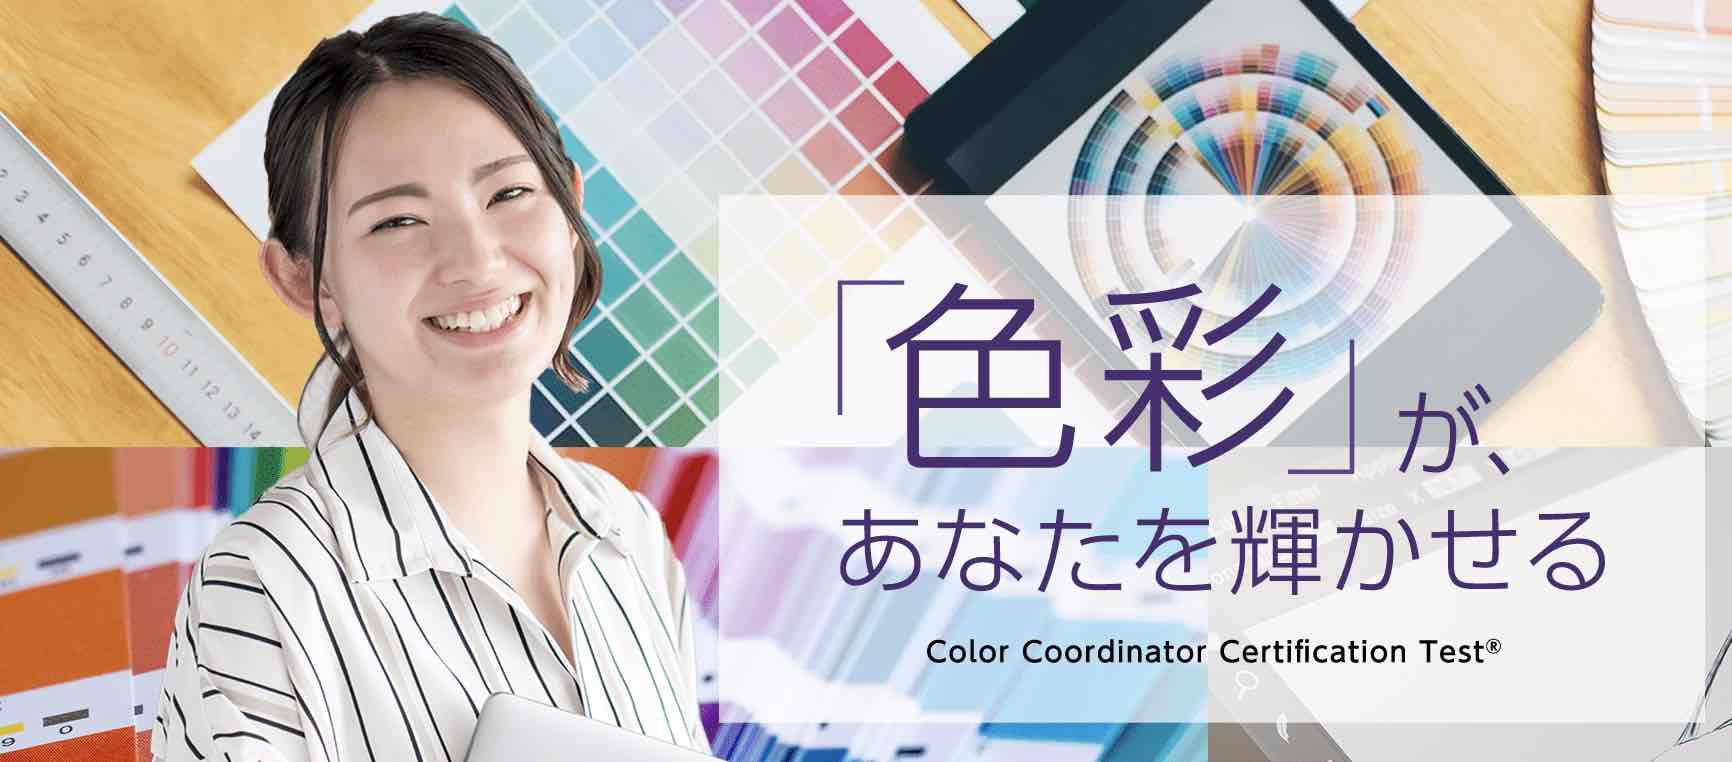 カラーコーディネーター検定 トップ